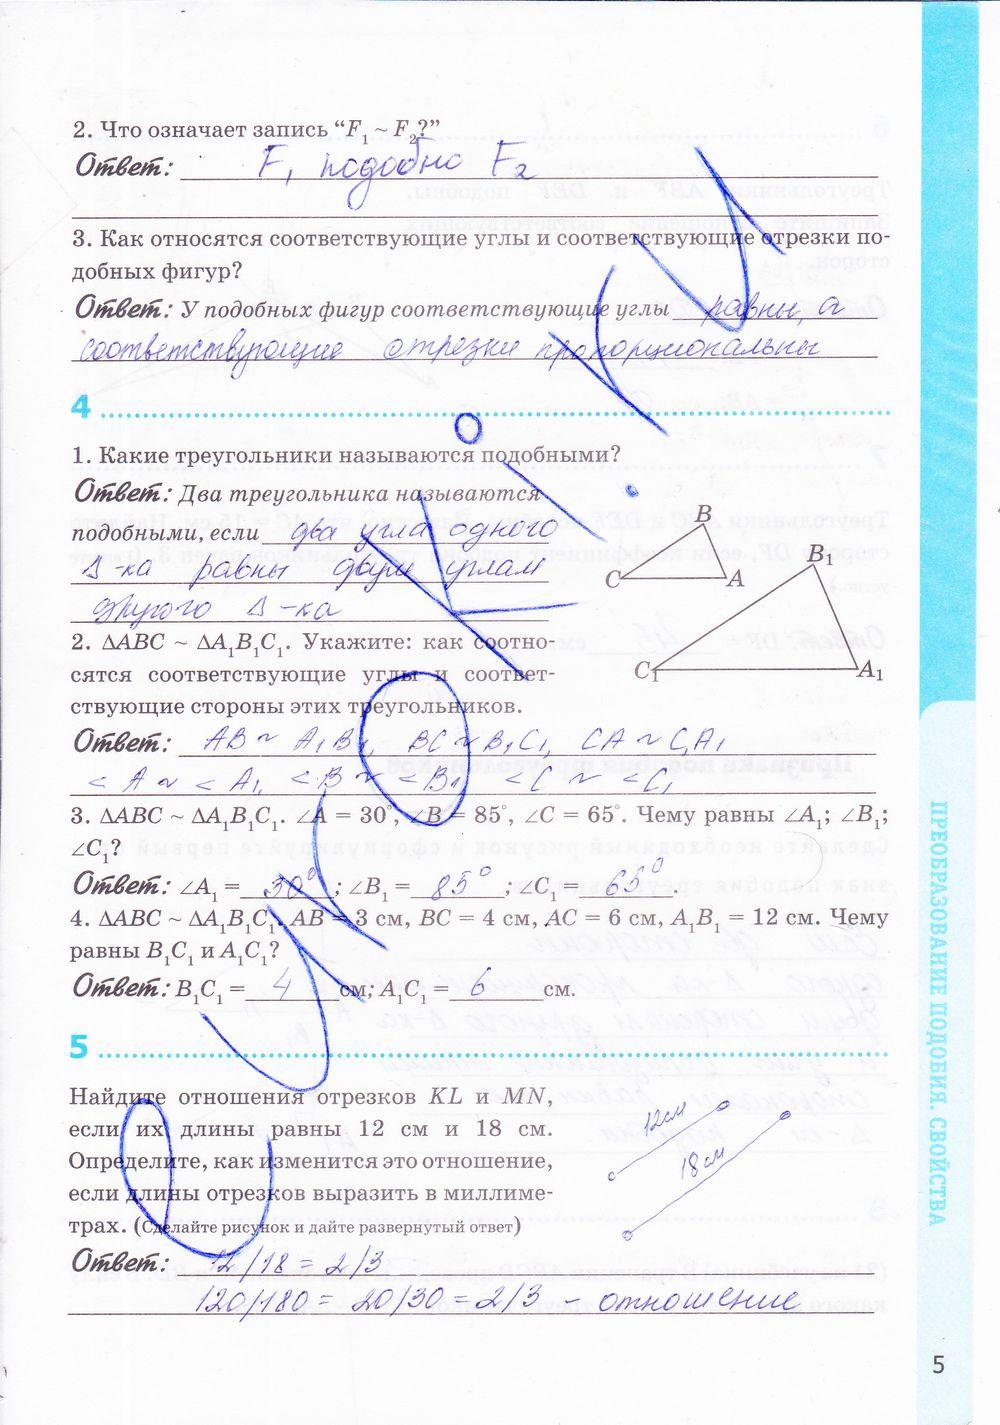 Гдз по математике 6 класс янченко кравчук